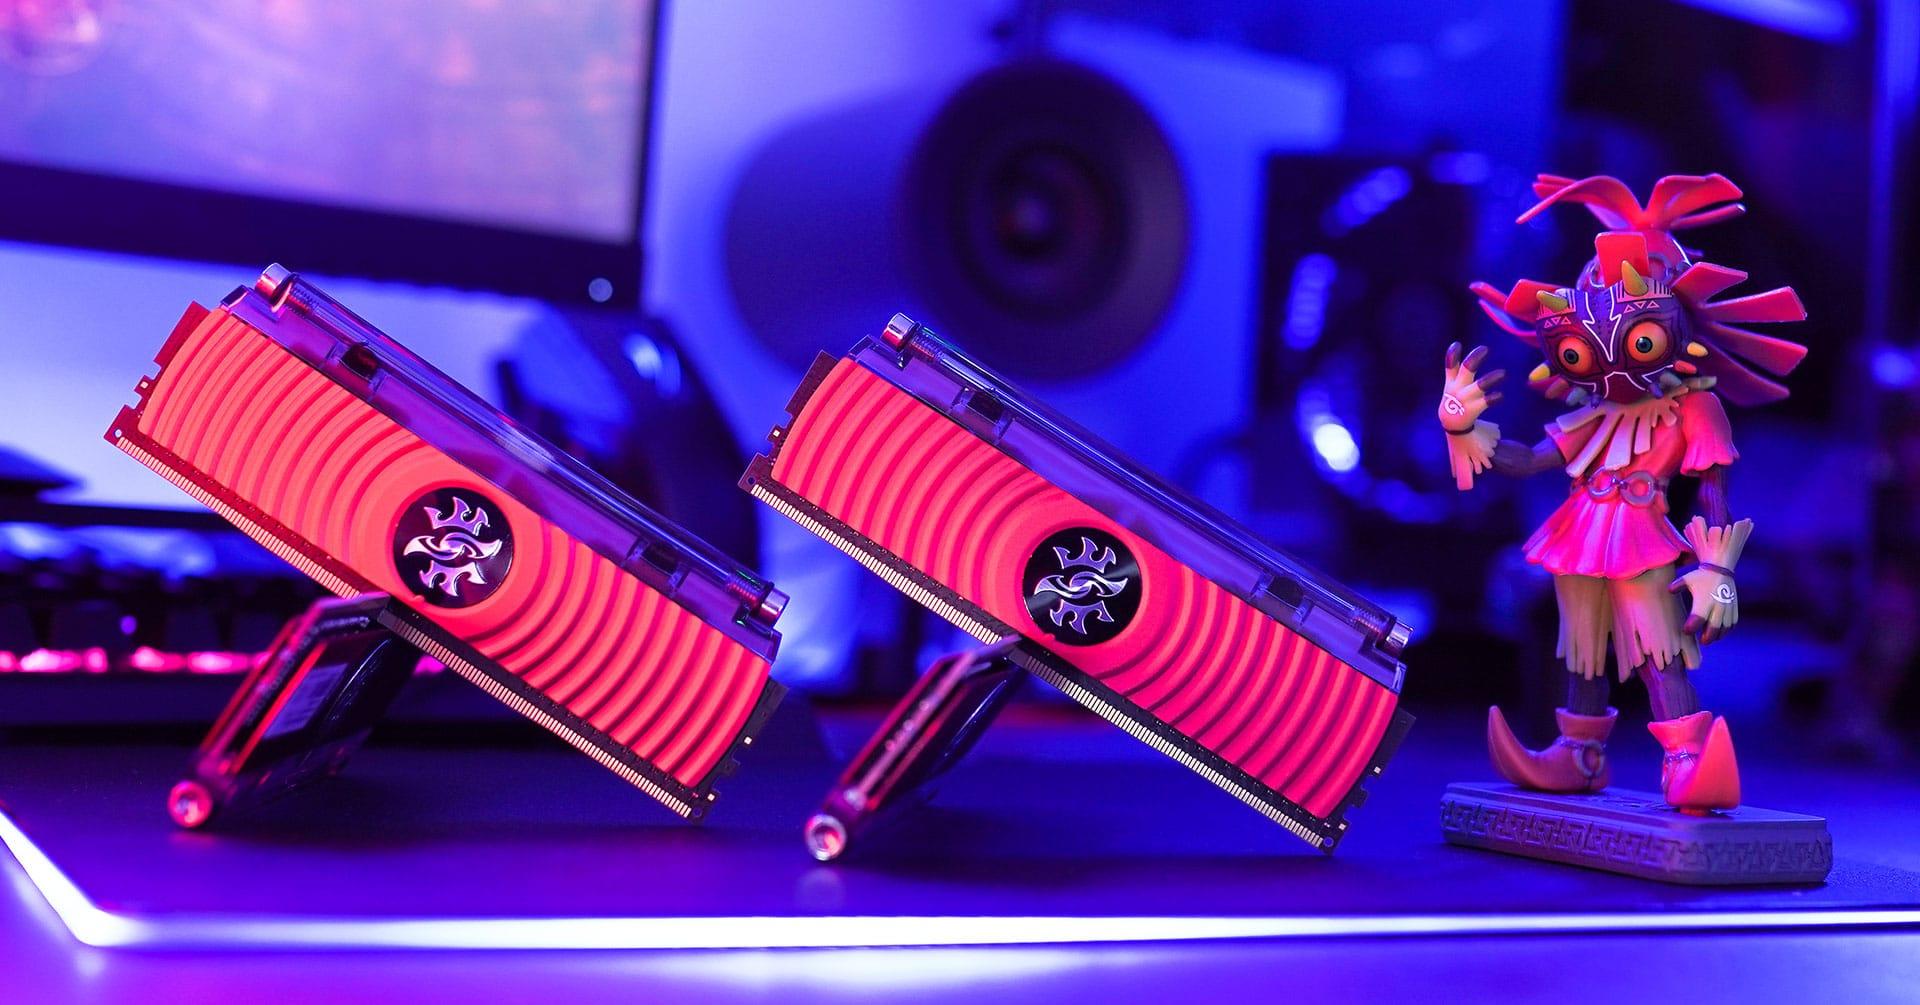 XPG Spectrix D80 DDR4 RGB Liquid Cooled Memory Review